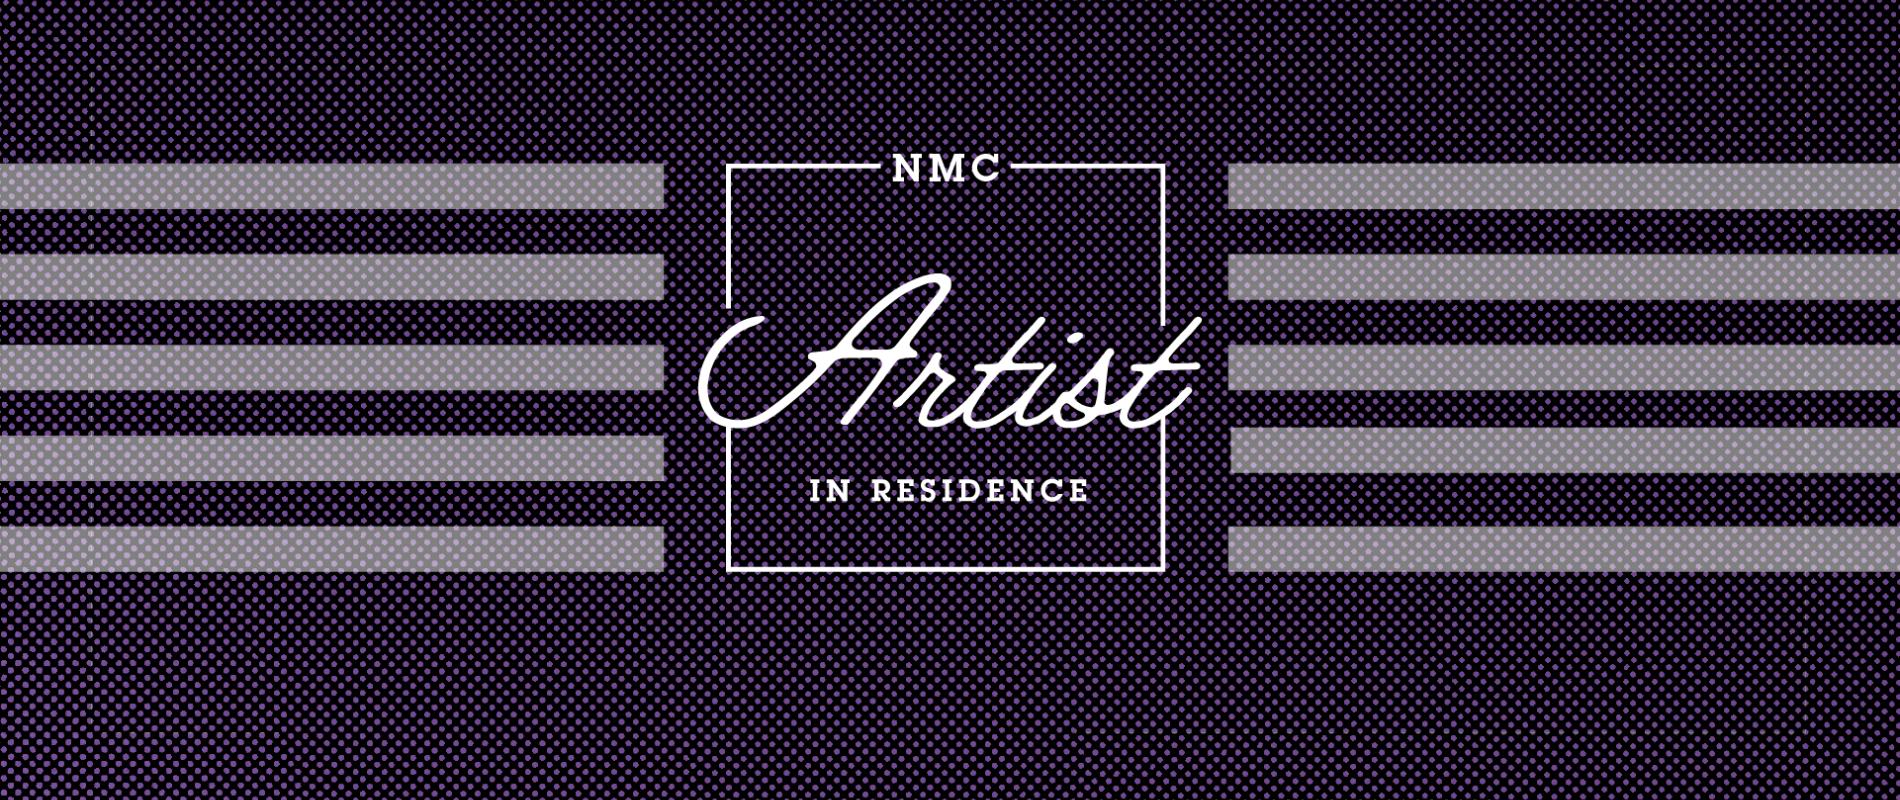 NMC Artist in Residence